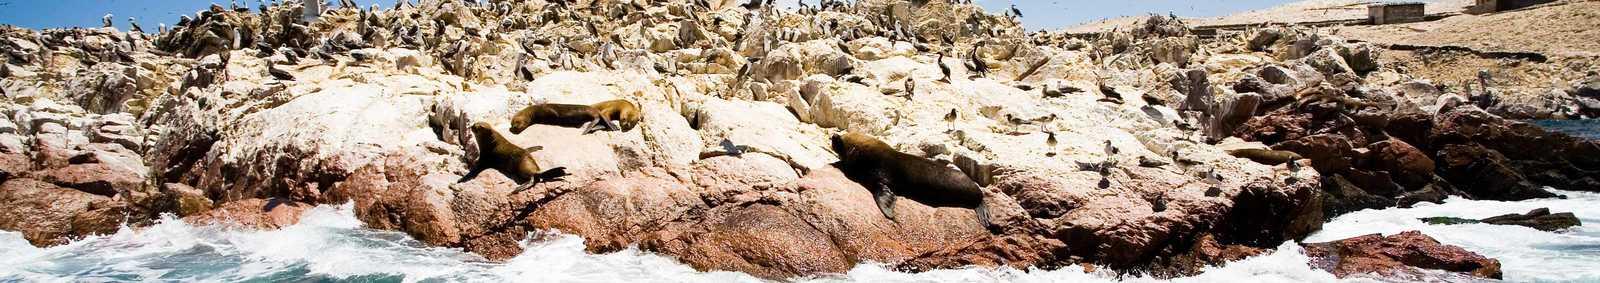 Ballestas Islands, near Paracas